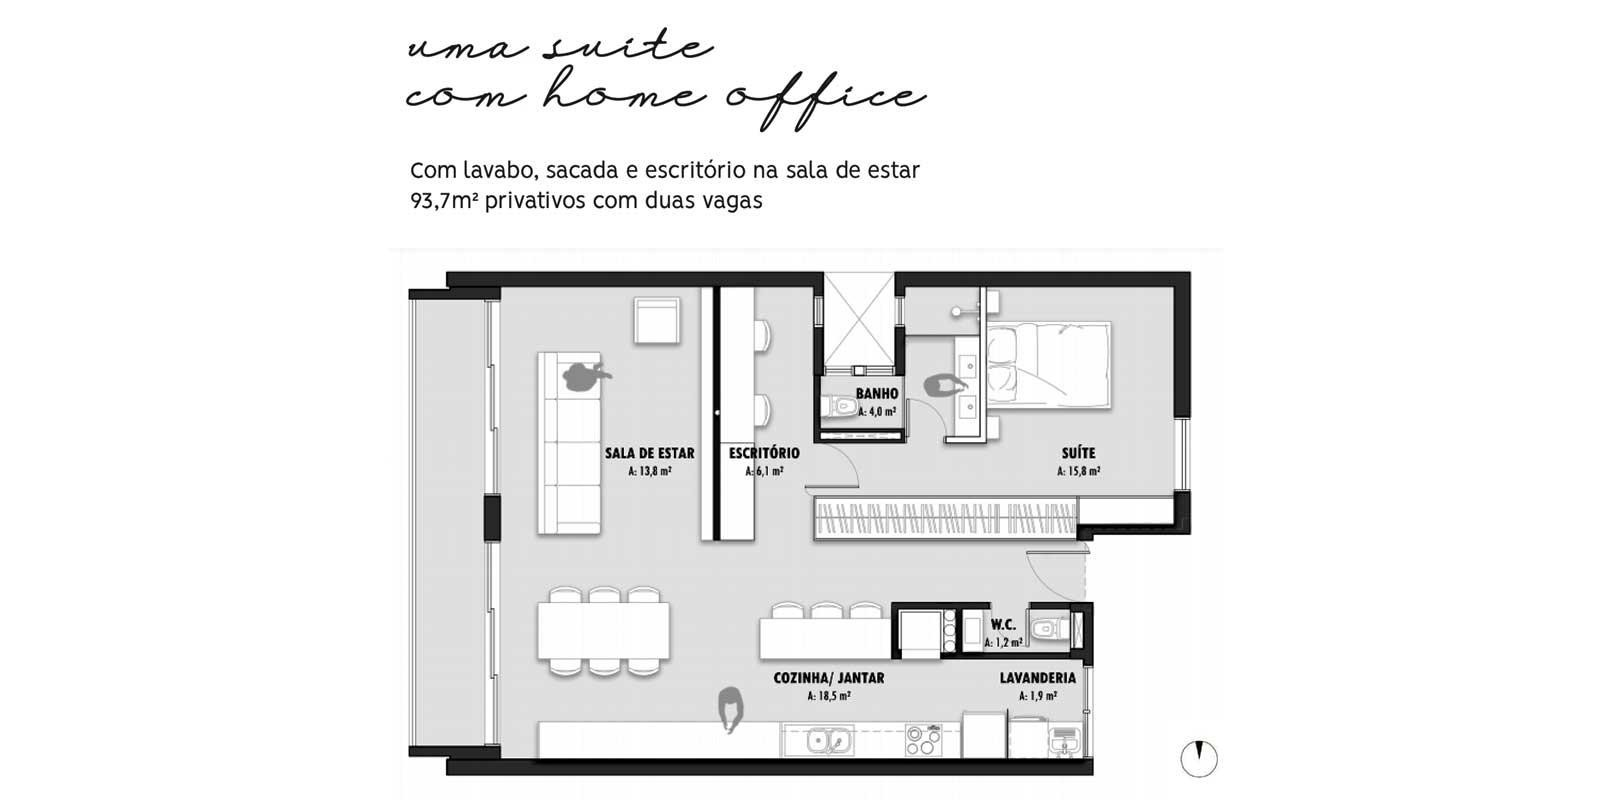 TPS Imóveis - Veja Foto 20 de 20 do Apartamentos com 1 ou 2 suítes com piscina na cobertura